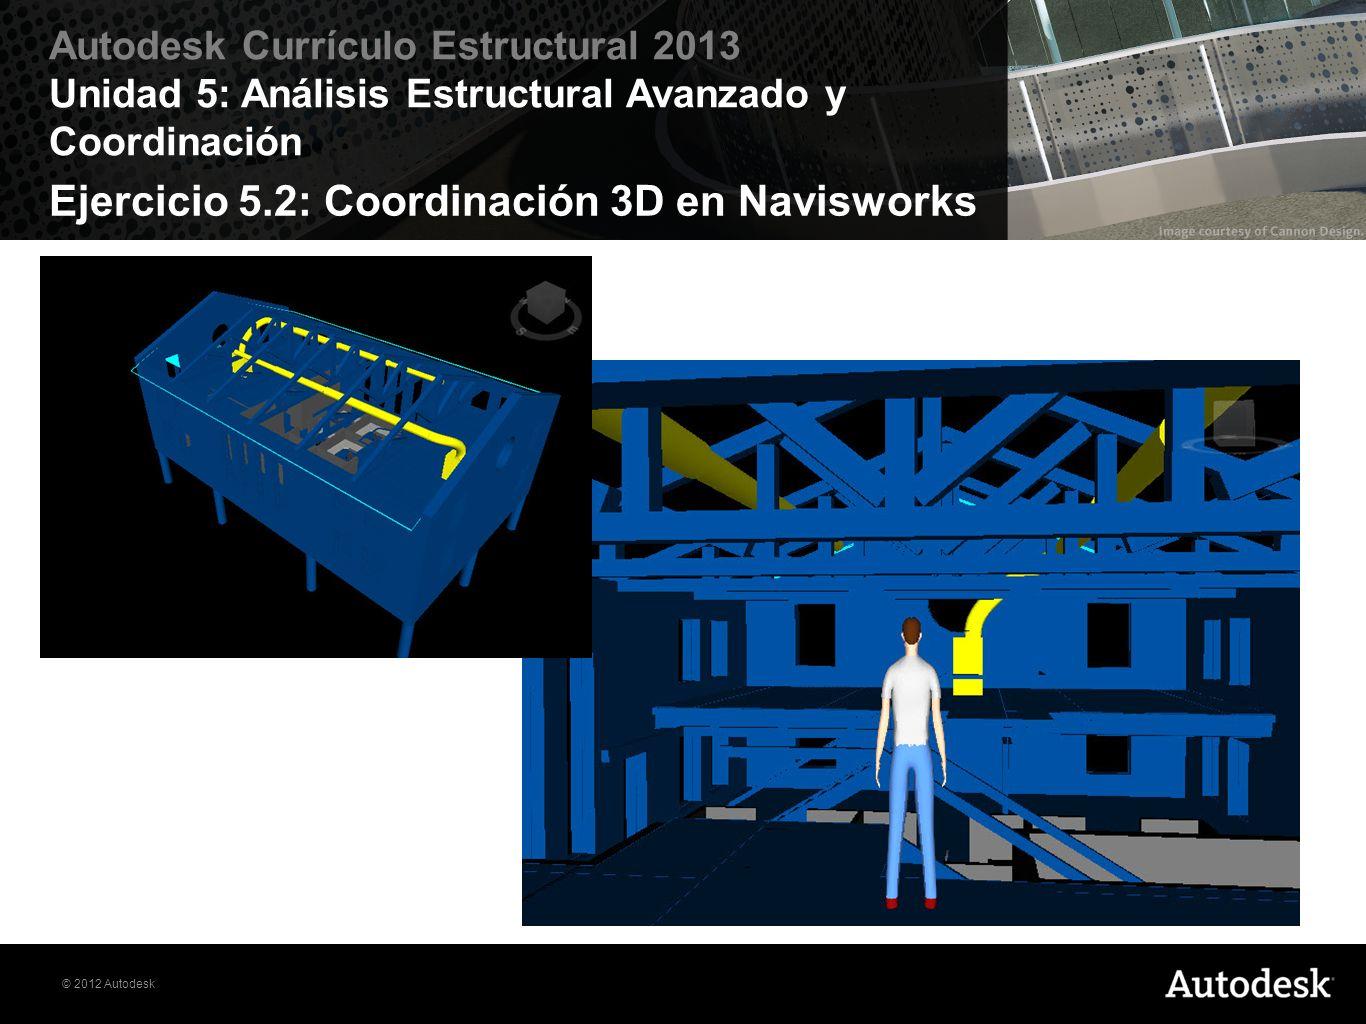 © 2012 Autodesk Autodesk Currículo Estructural 2013 Unidad 5: Análisis Estructural Avanzado y Coordinación Ejercicio 5.2: Coordinación 3D en Naviswork